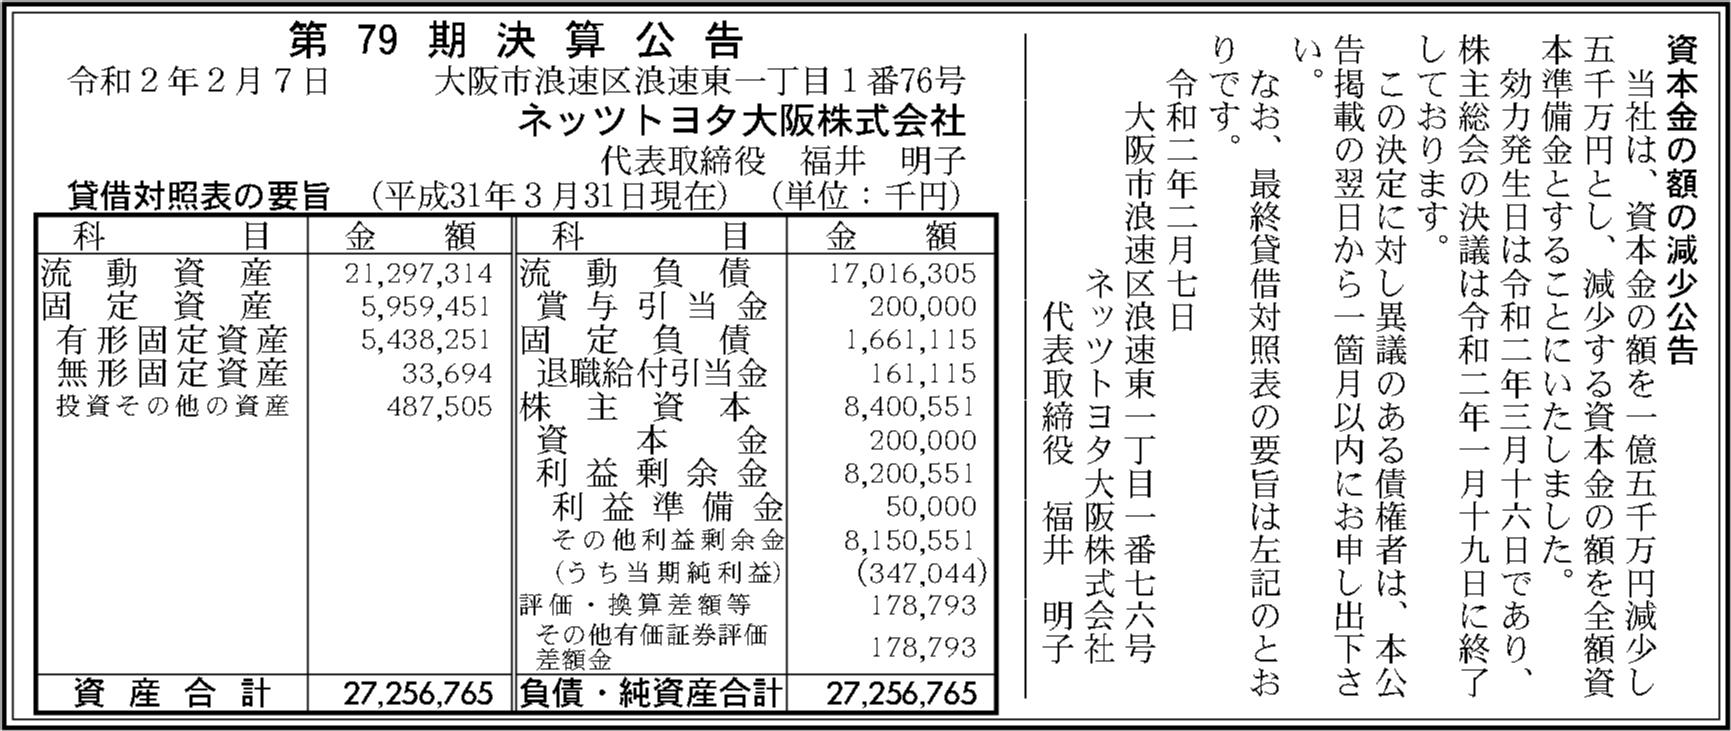 0059 892c2f54901a1b0db4ecc60c2b8158776c37f10e5a46709e9464dcbcabc4823842a67f618347f840060b059de6ad79f4eb9897c12a5d36d8690898d9f6421bec 01